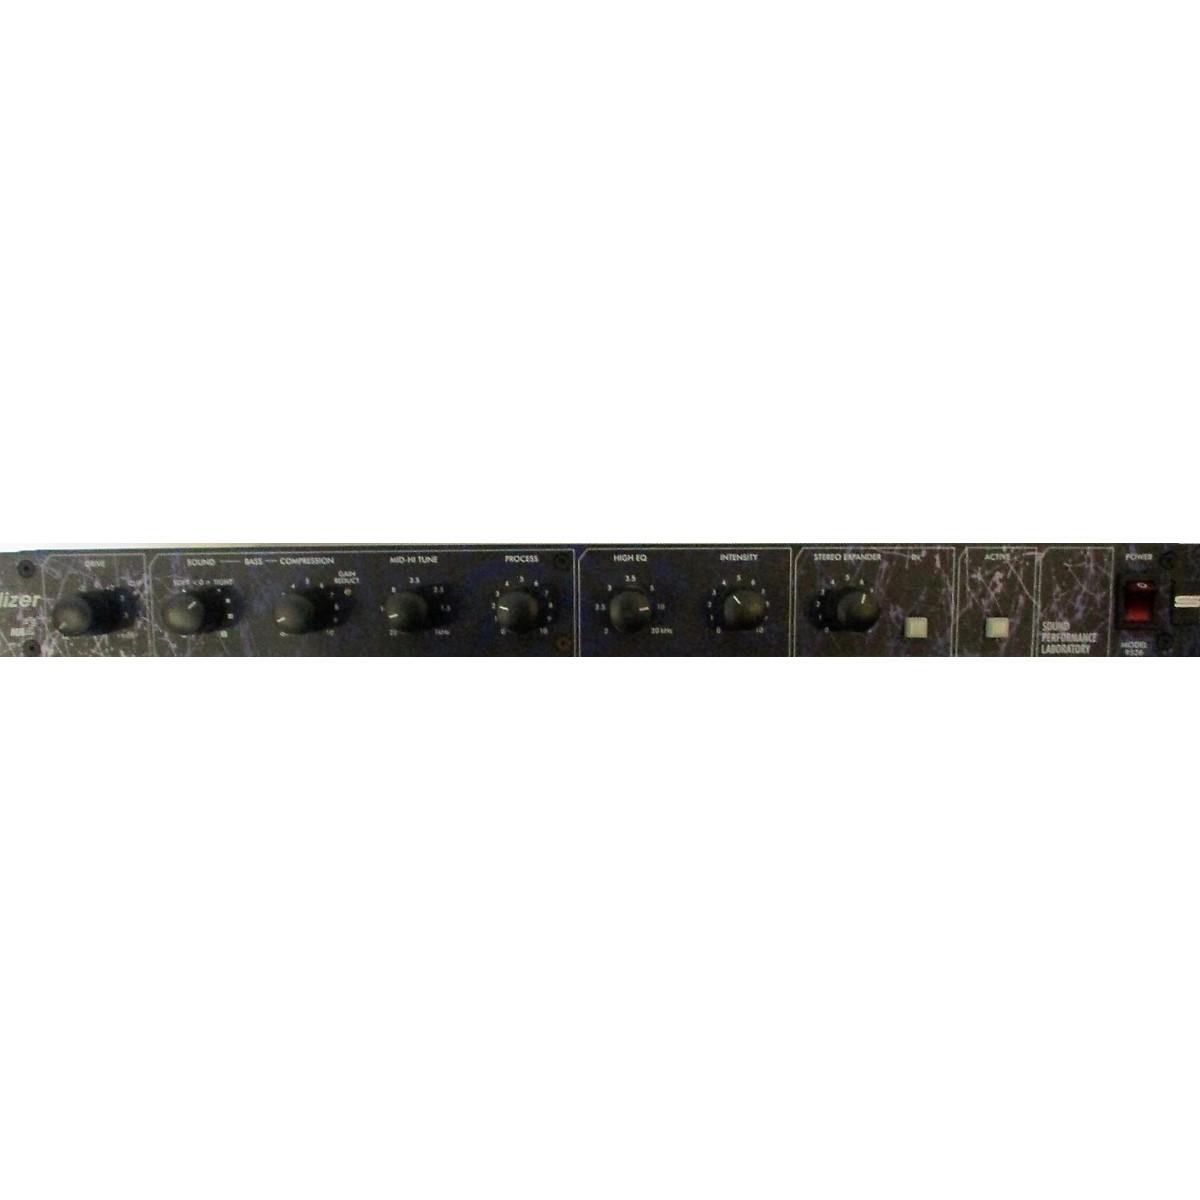 SPL Vitalizer Stereo MK2 Exciter